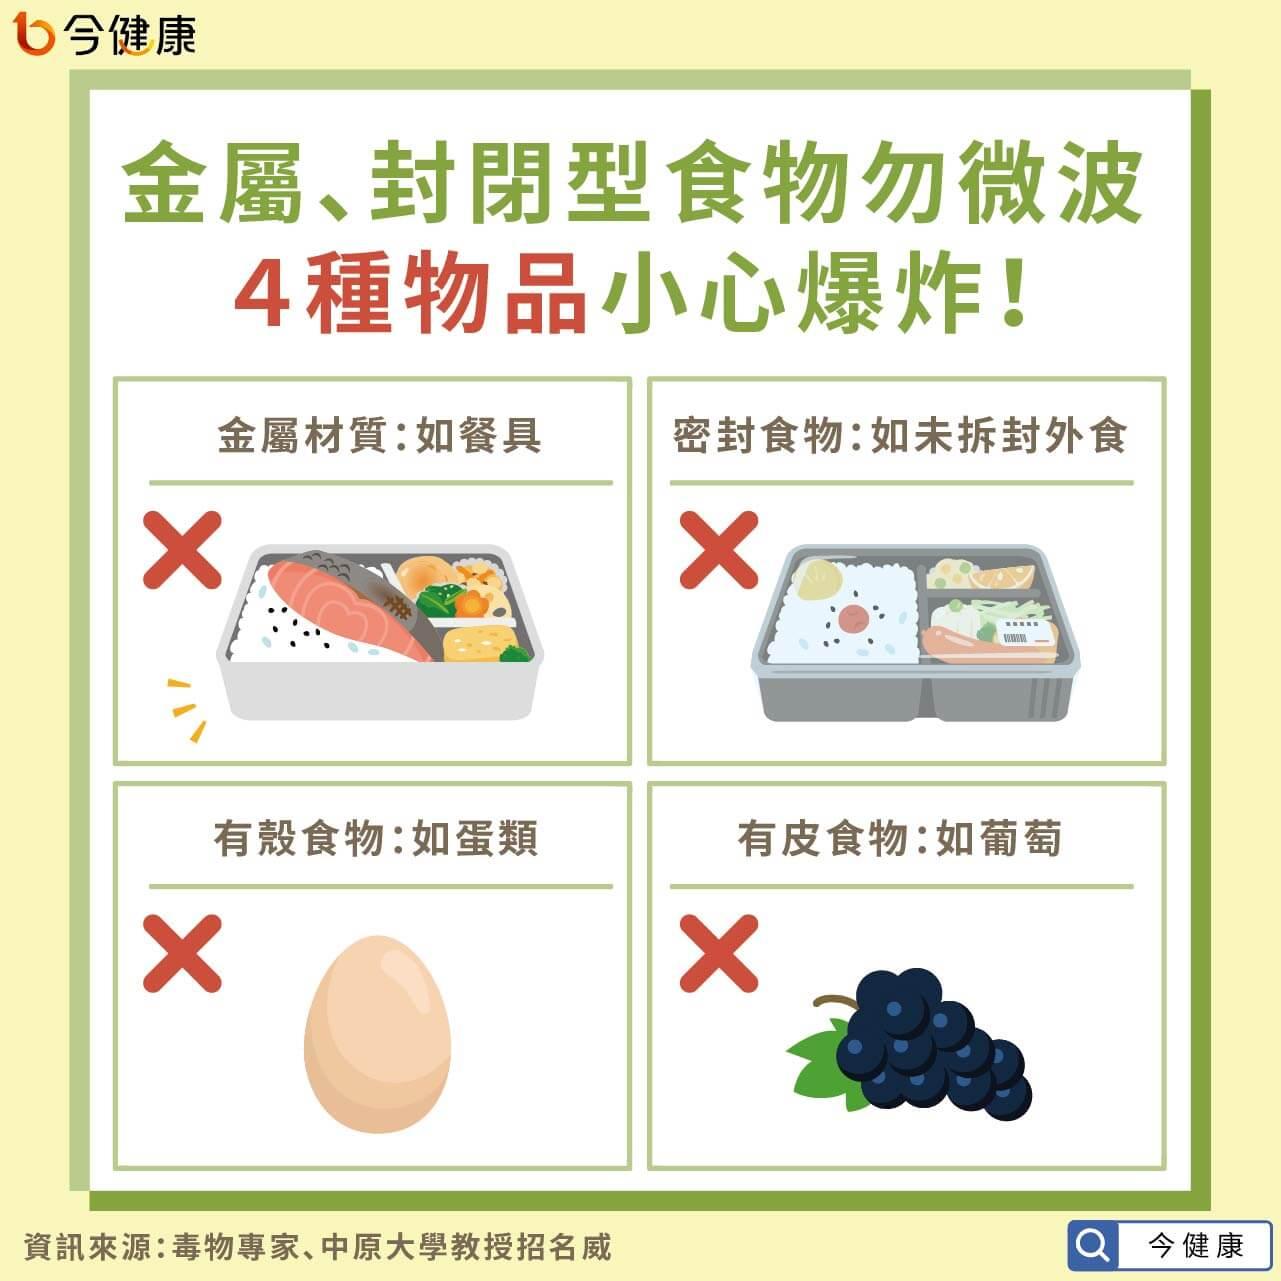 #微波 #微波爐 #微波食物 #隔夜菜 #便當 #輻射 #塑化劑 #招名威